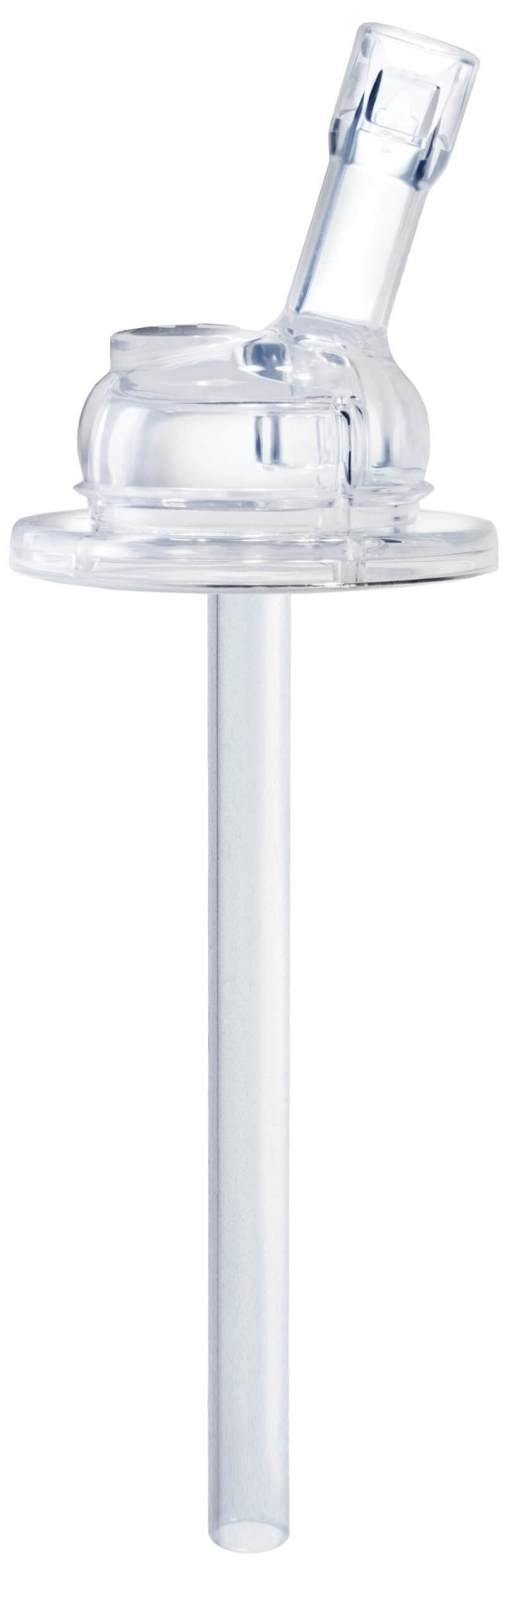 Pura Kiki Strohhalm für Edelstahlflasche